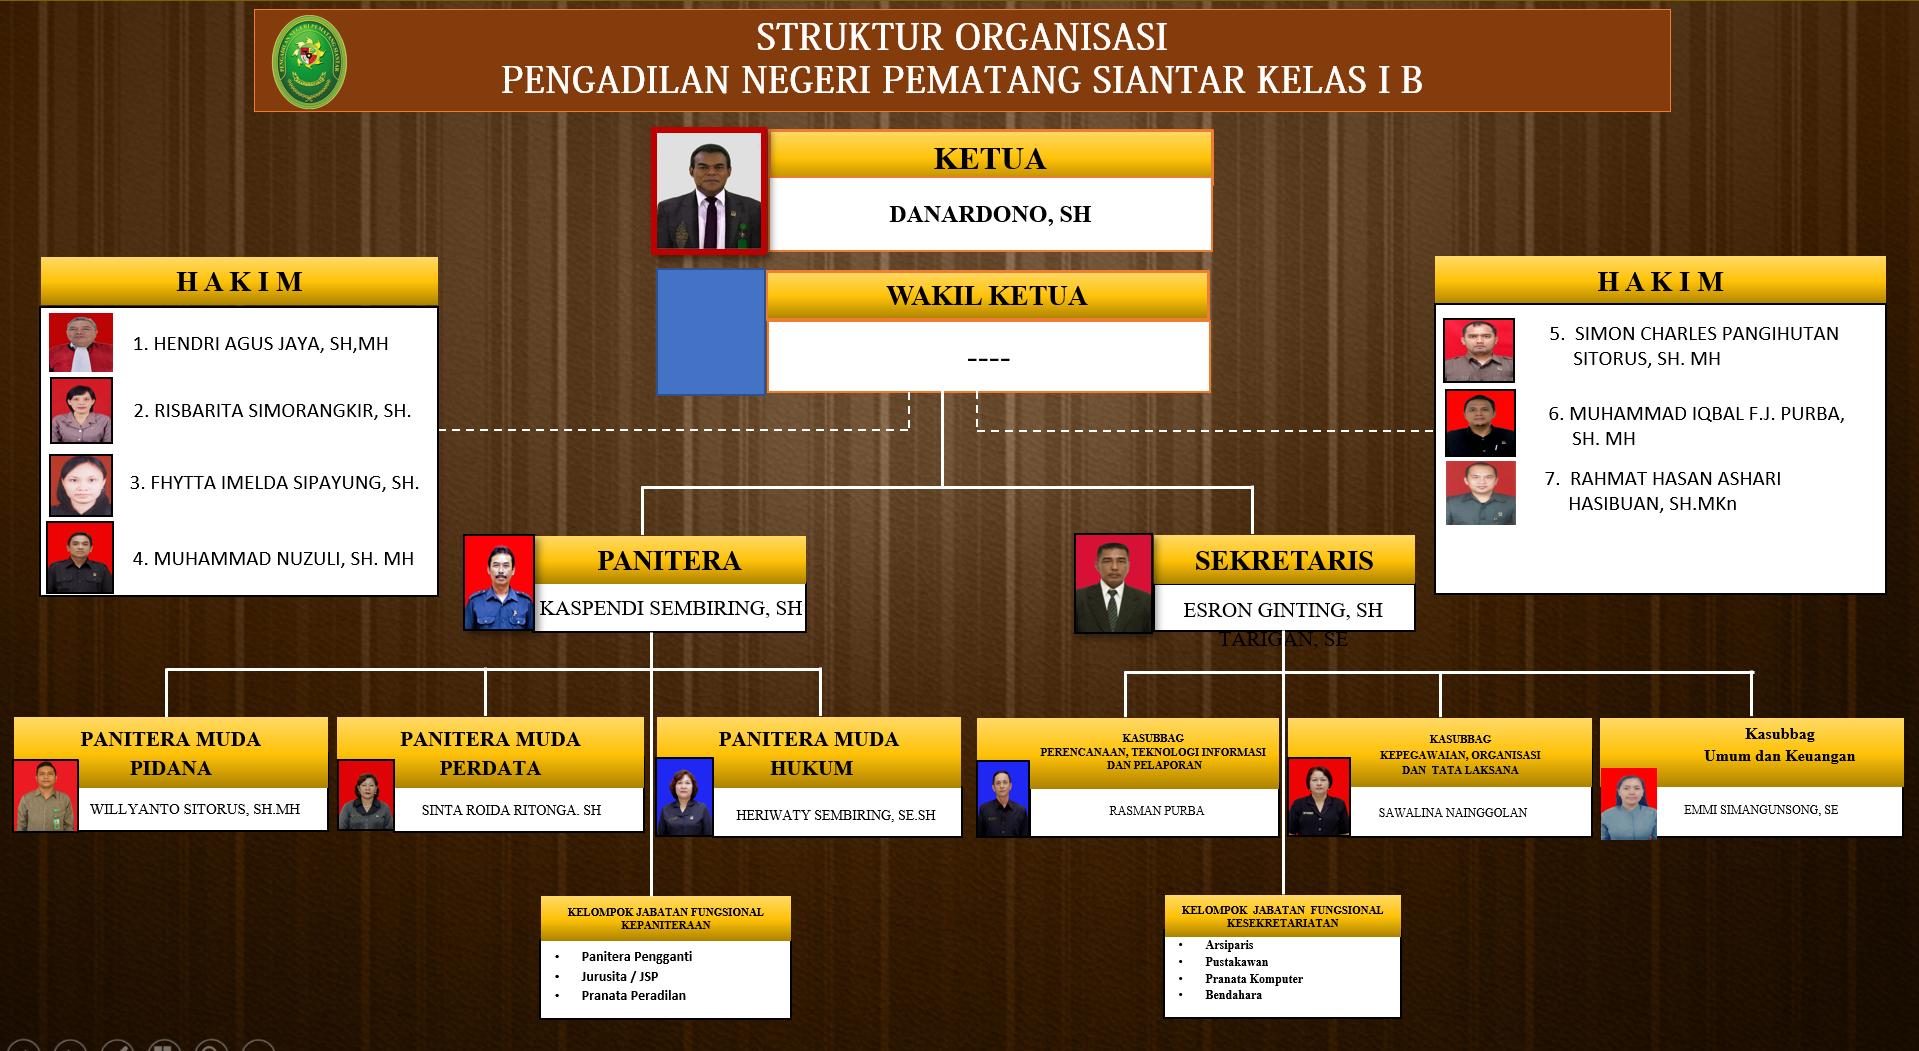 strukture Organisasi_Danar